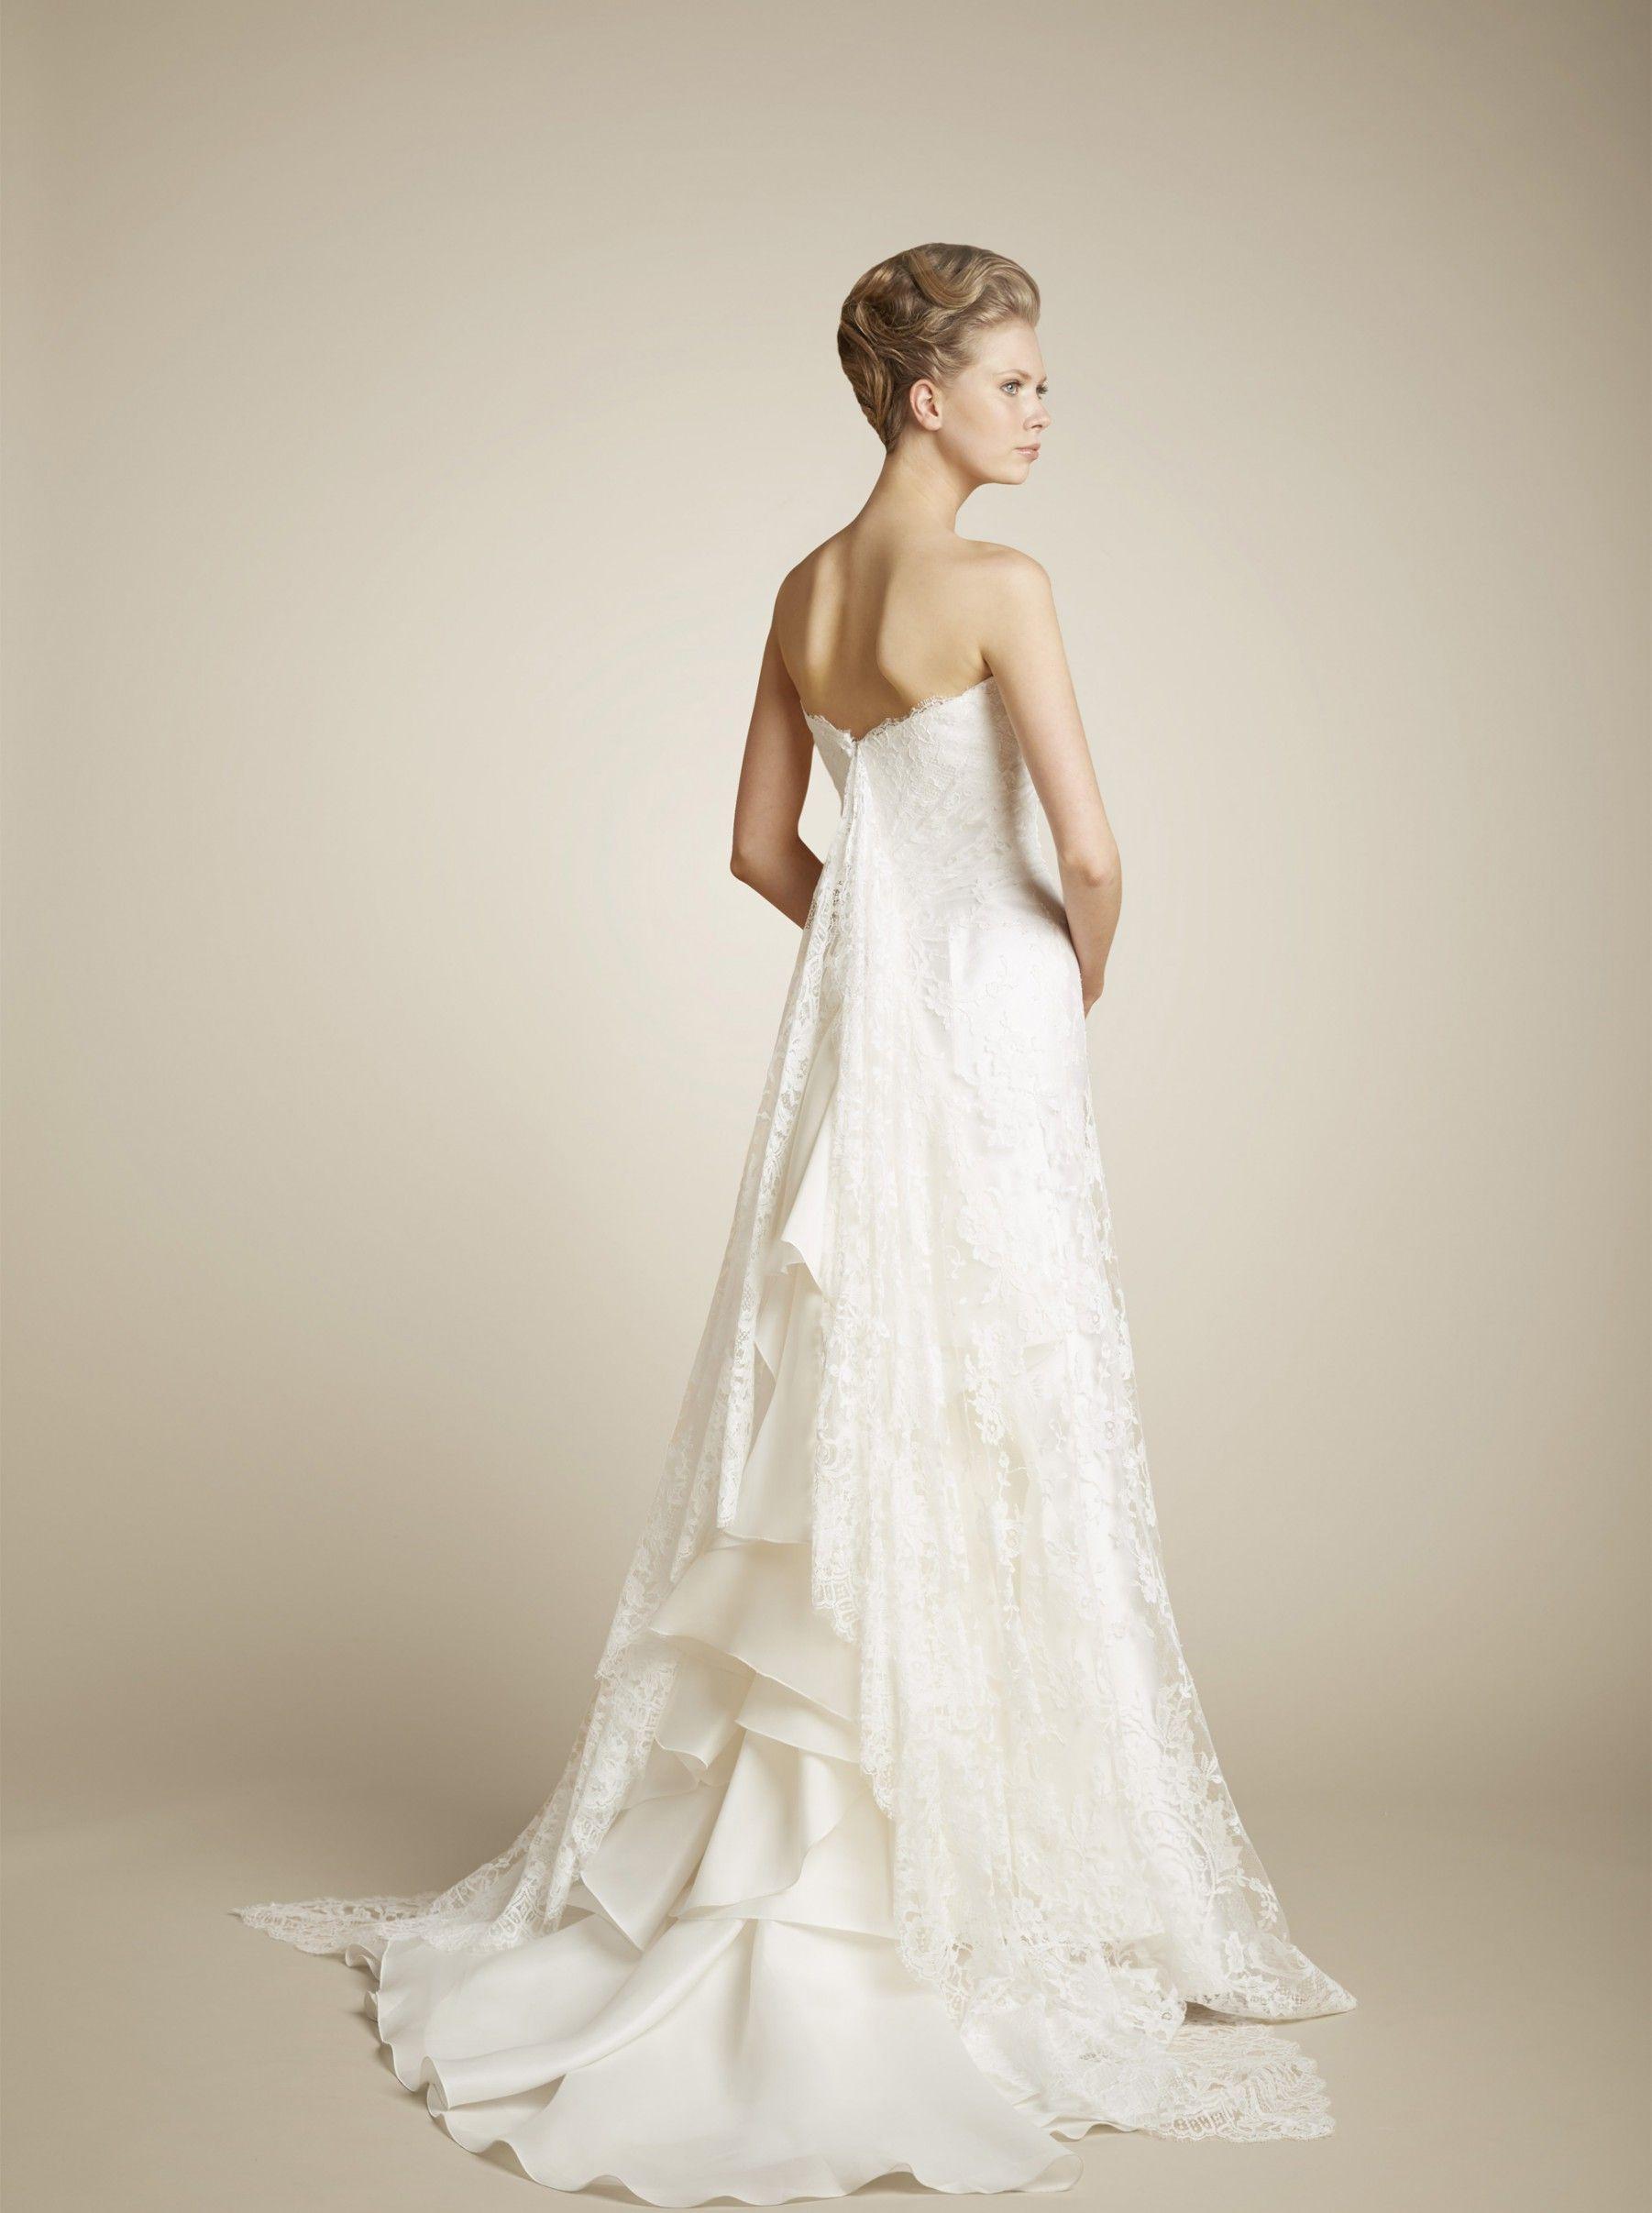 buy online 4f3b9 daaa2 Abiti da sposa in affitto torino | Pattinaggio | Wedding ...